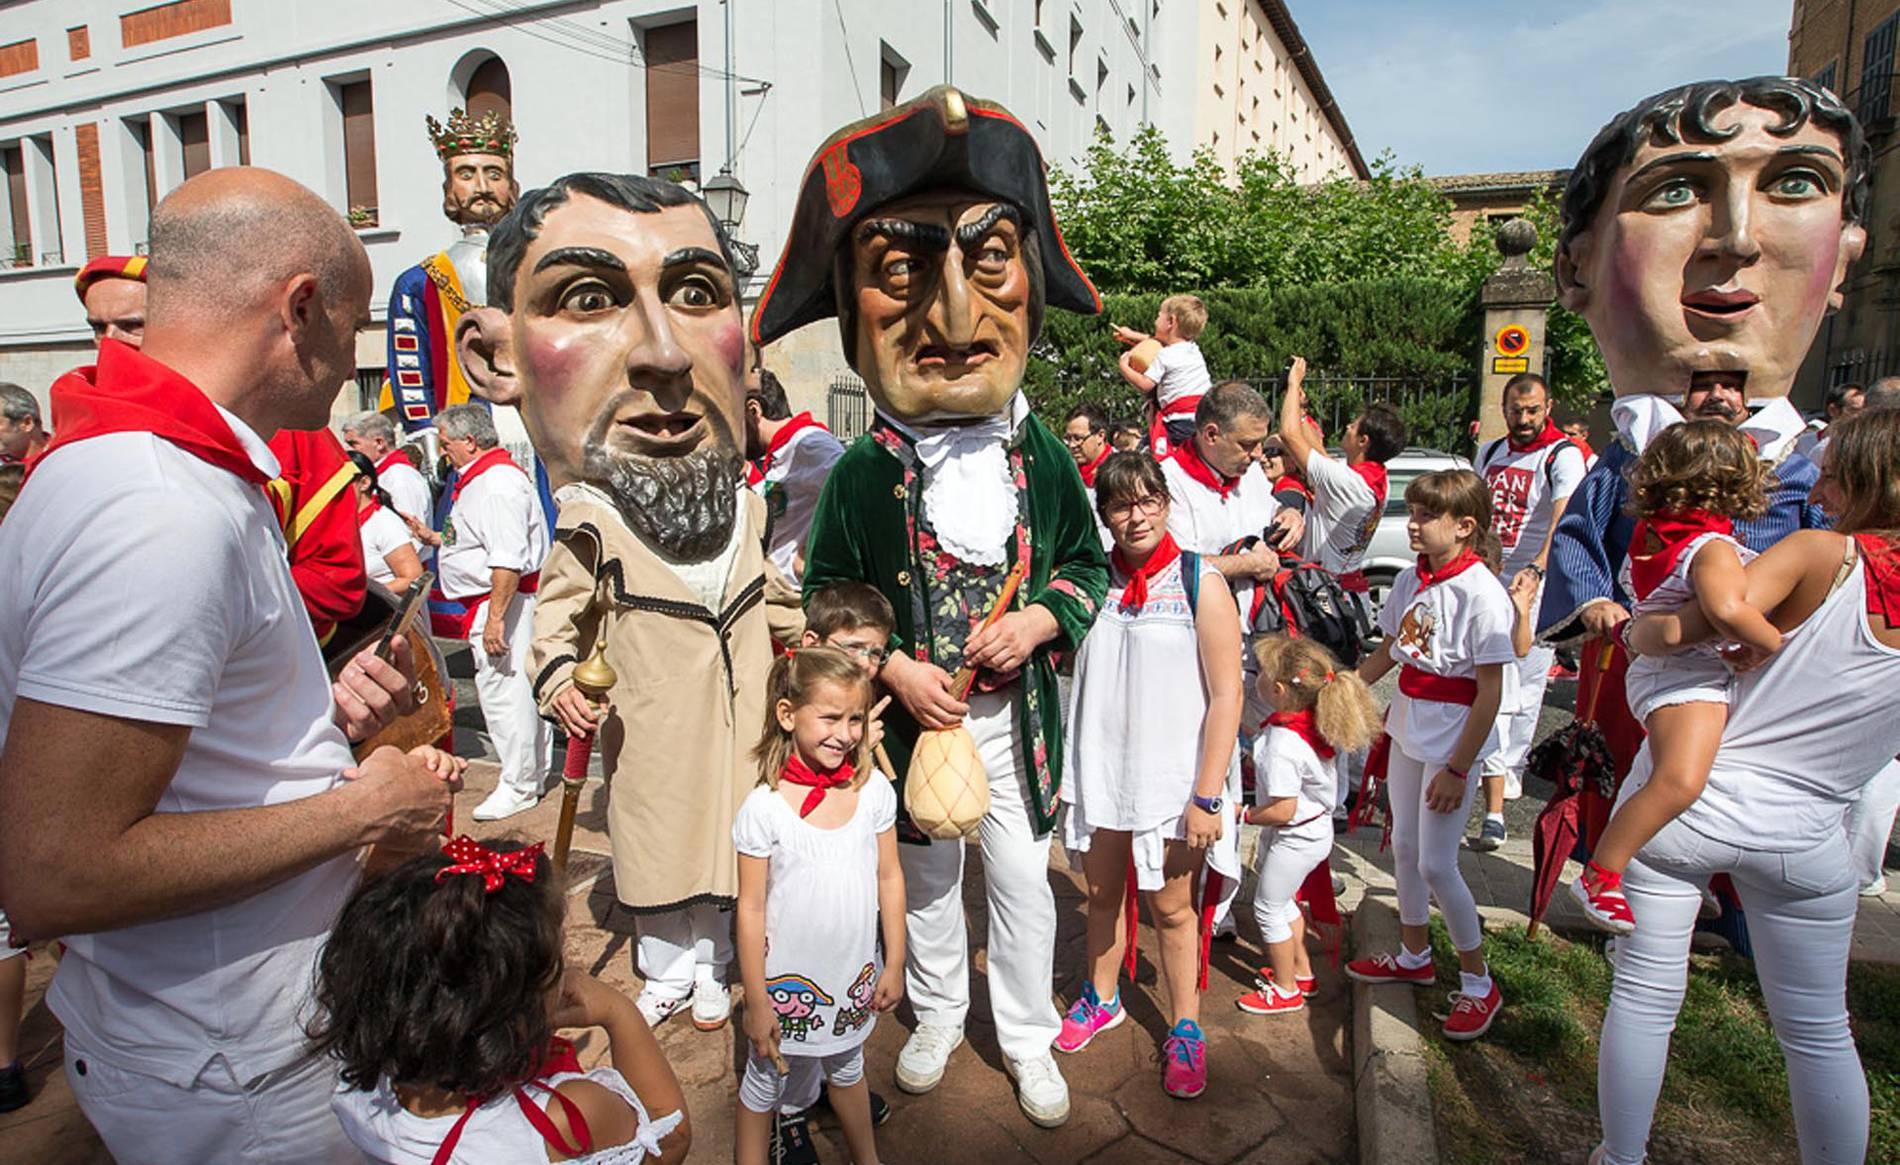 Recorrido de la Comparsa el 8 de julio de 2017 (1/76) - Fotos de la salida de la Comparsa de Gigantes y Cabezudos, este sábado, 8 de julio. - San Fermín -